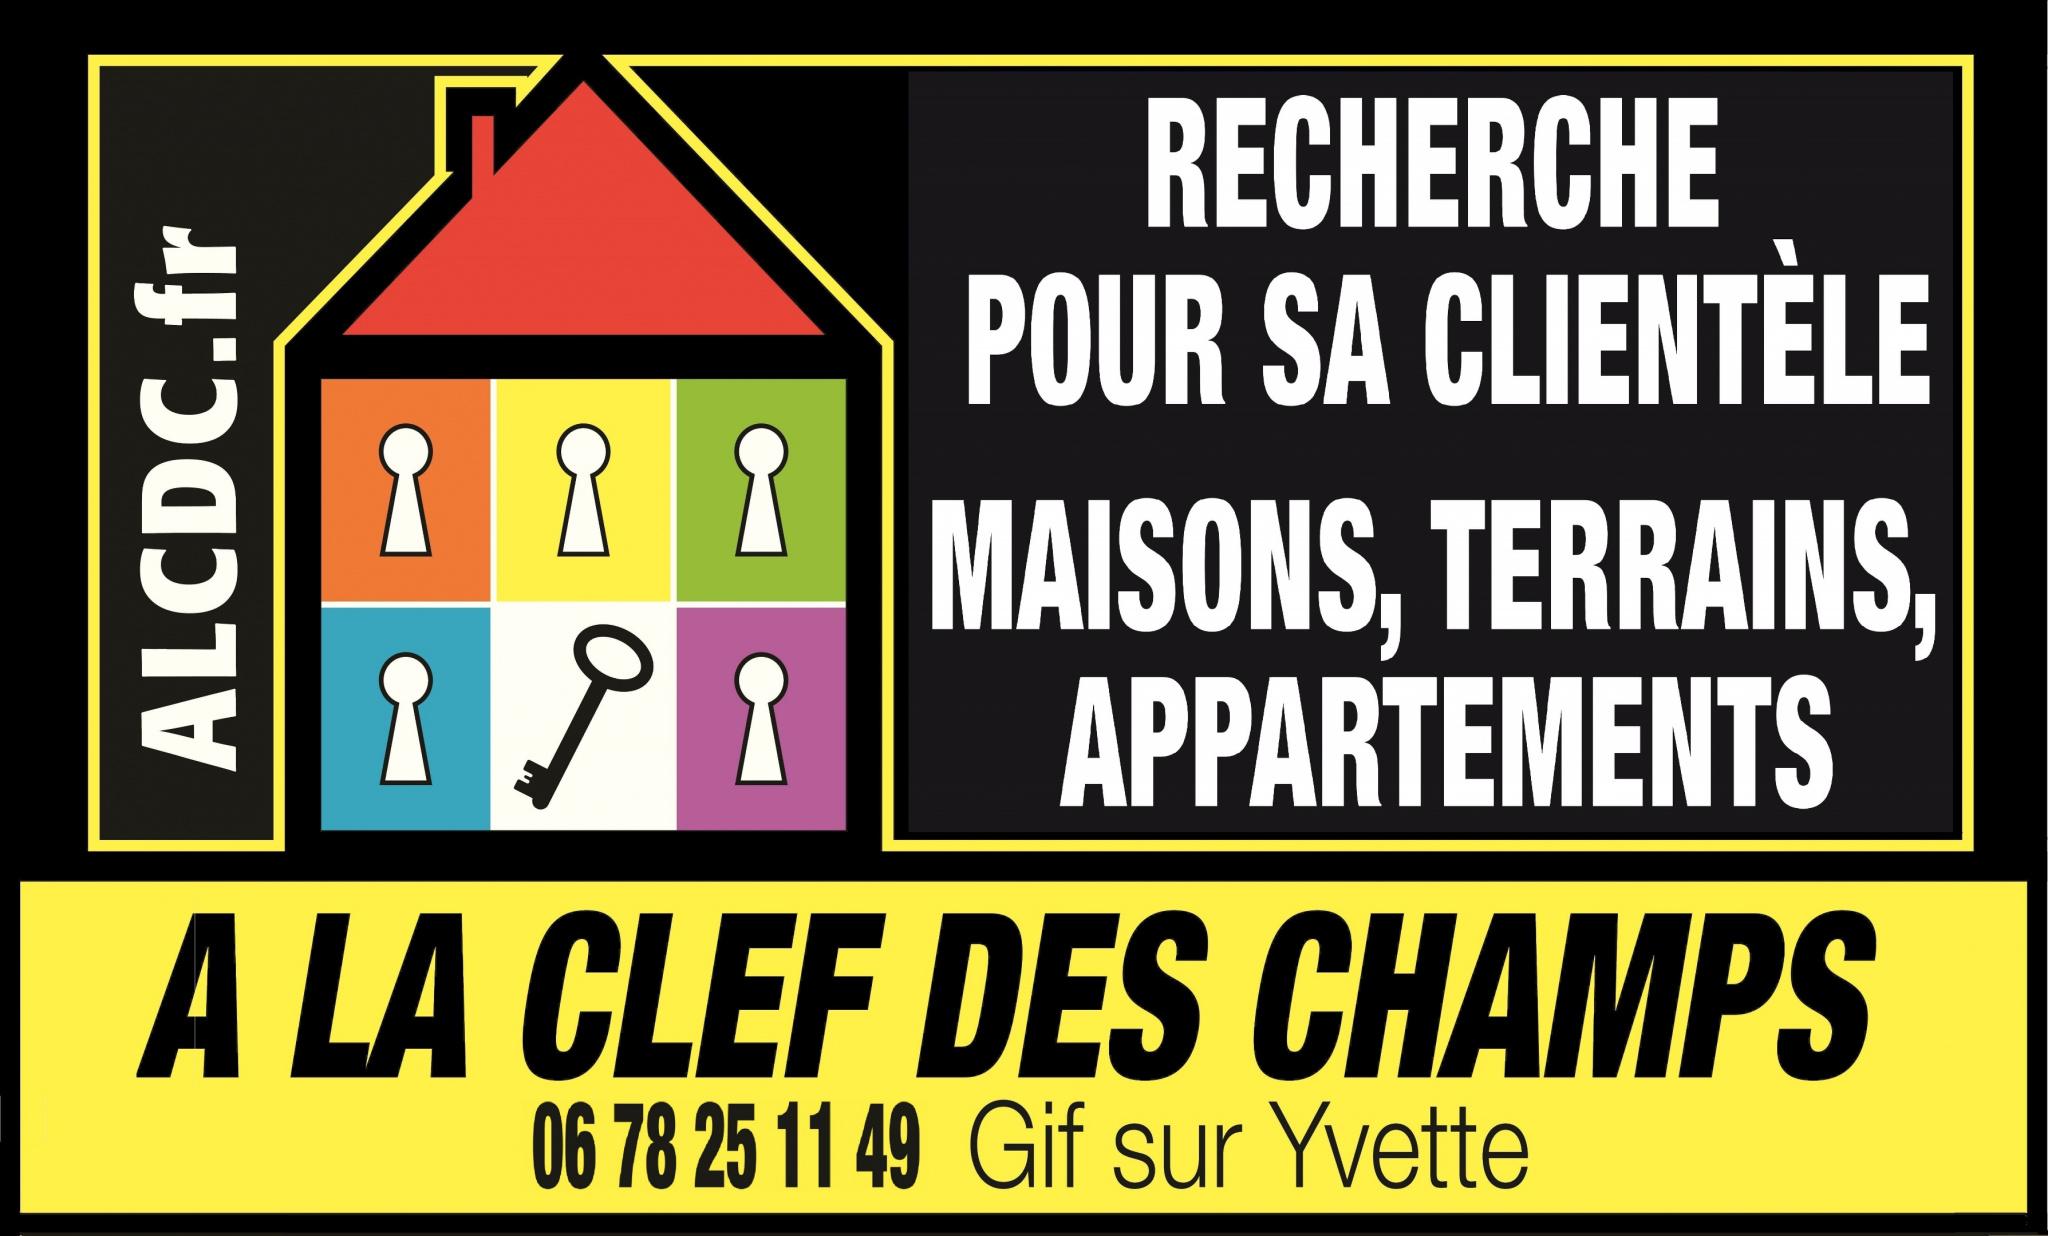 GIF SUR YVETTE MAISON 7 PC A VENDRE